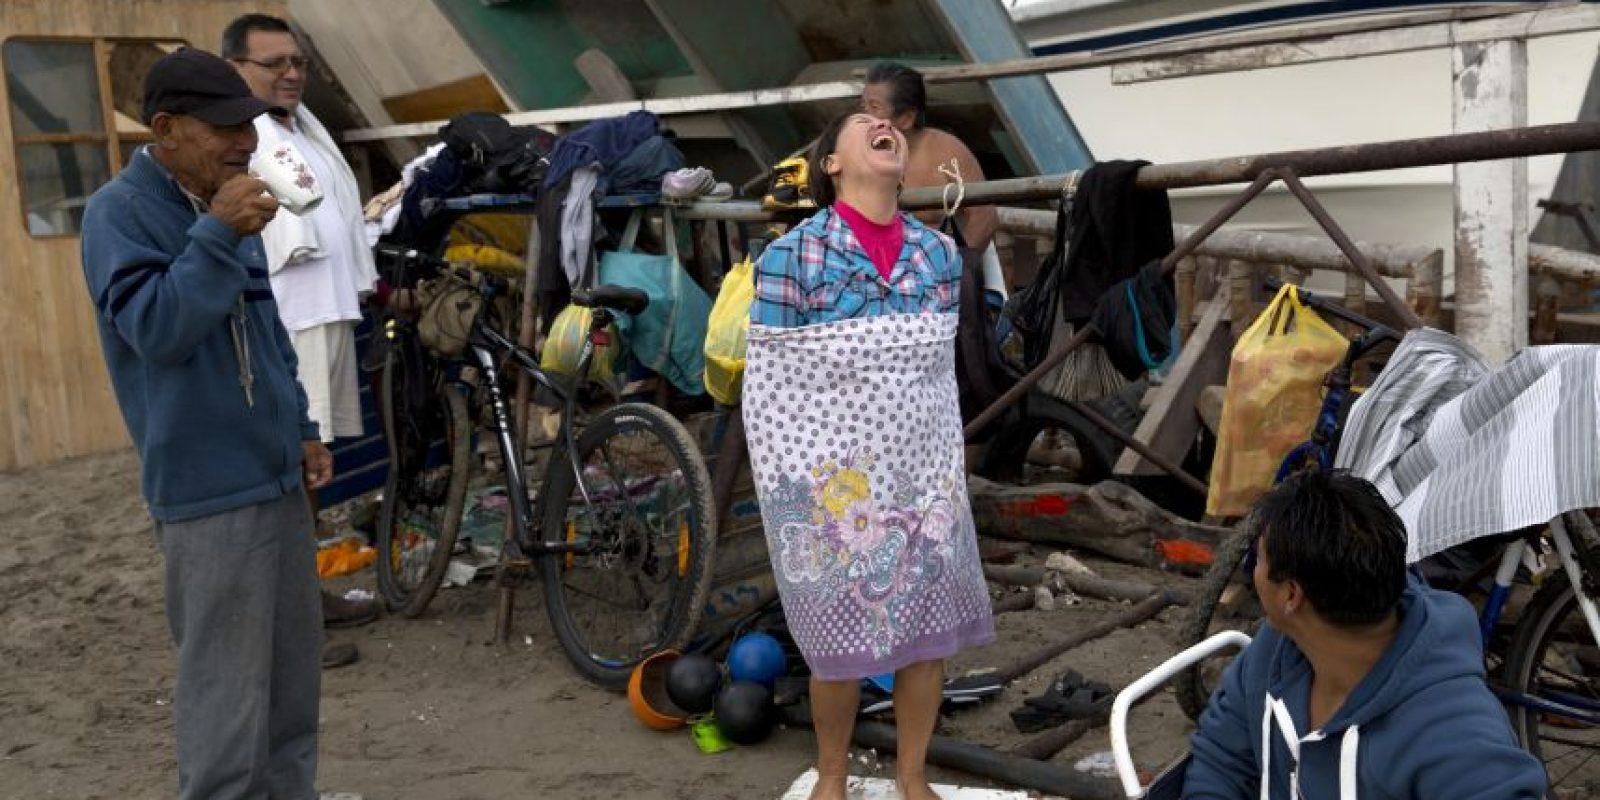 En esta imagen, tomada el 15 de mayo de 2015, varias personas de visten en la playa Pescadores tras un baño terapéutico en el océano Pacífico en Lima, Perú. La mayoría de los bañistas practican un tipo de terapia en el mar informal y auto dirigida. Foto:AP/ Rodrigo Abd